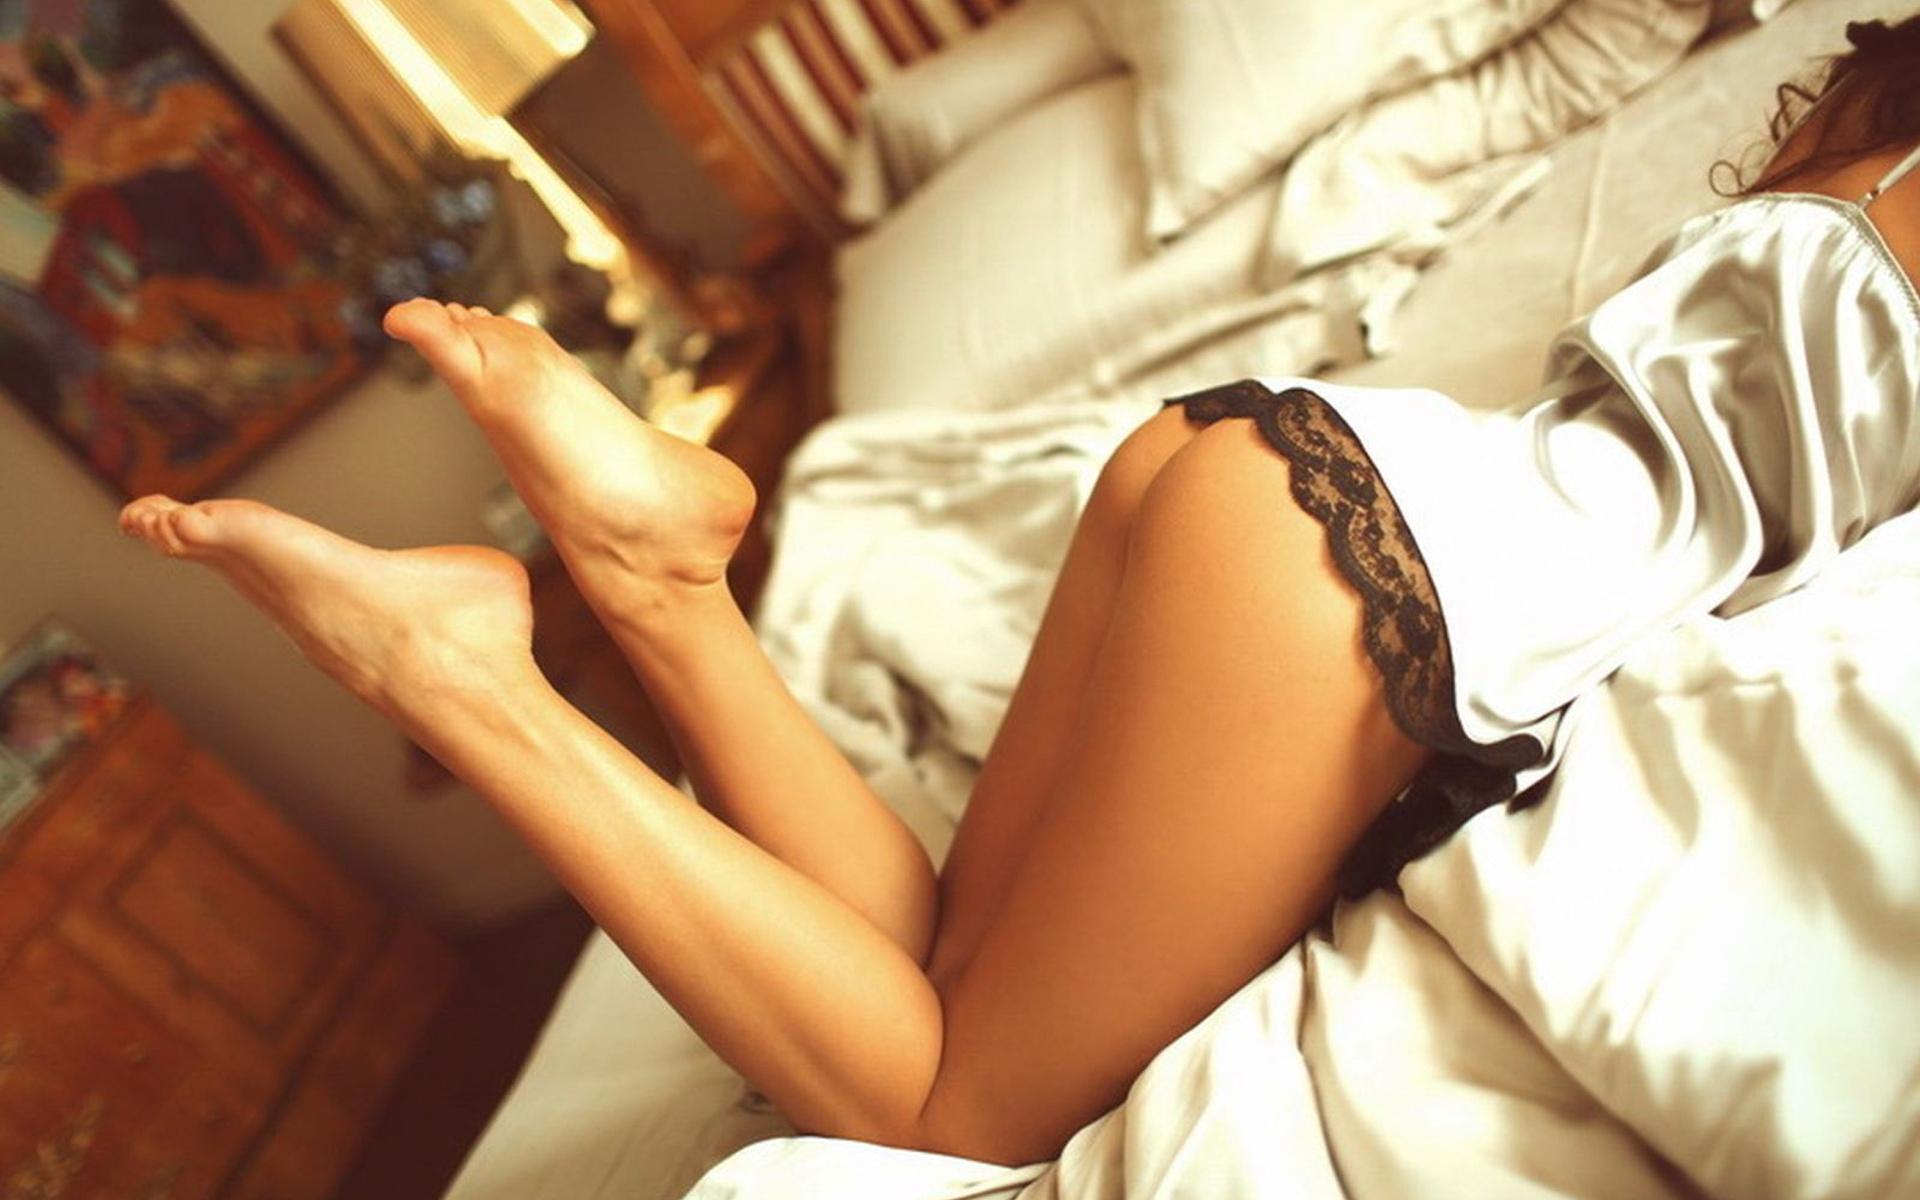 самые сексуальные ножки в мире-кб1